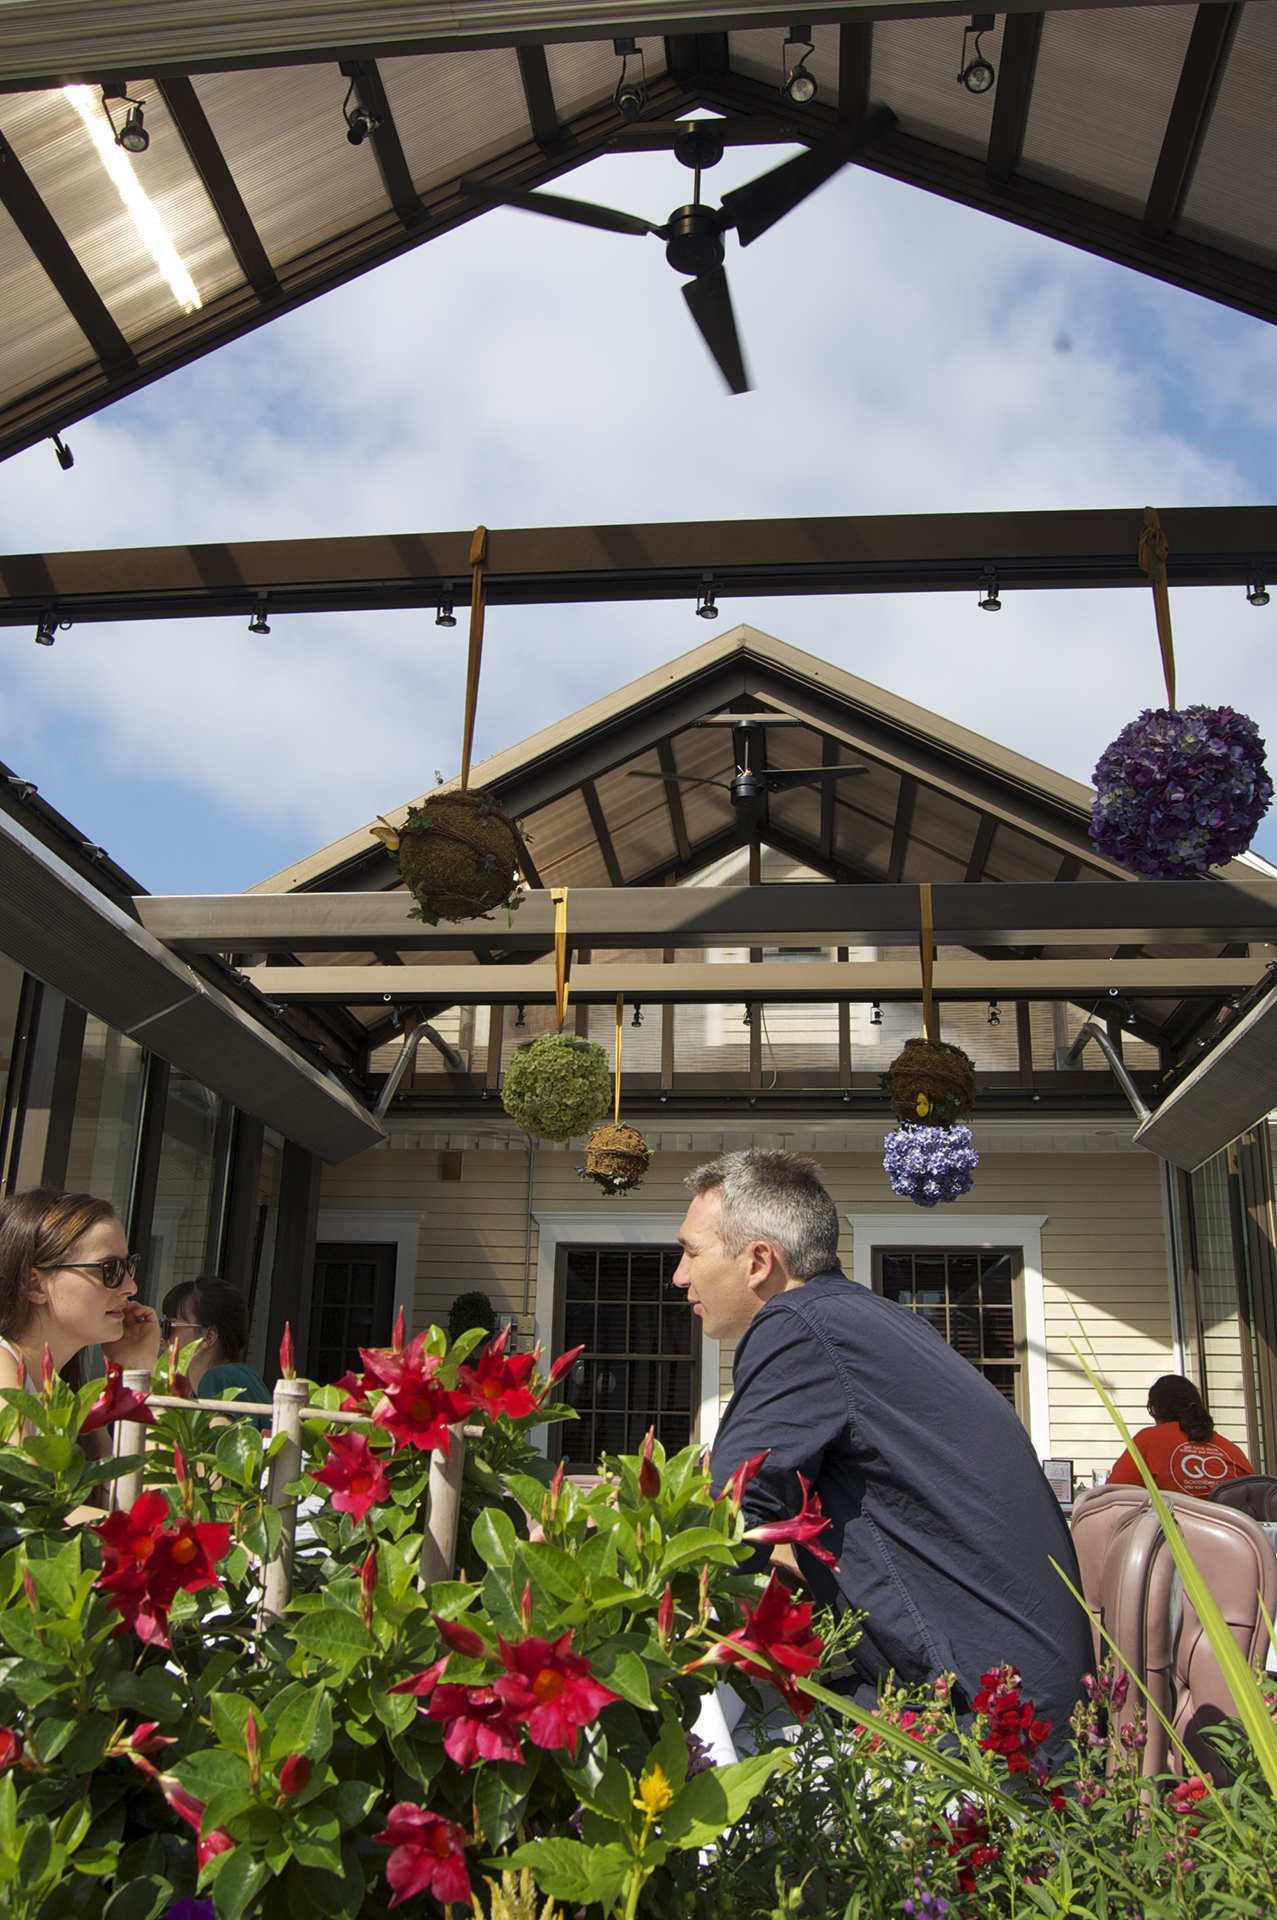 Retractable patio enclosure on restaurant